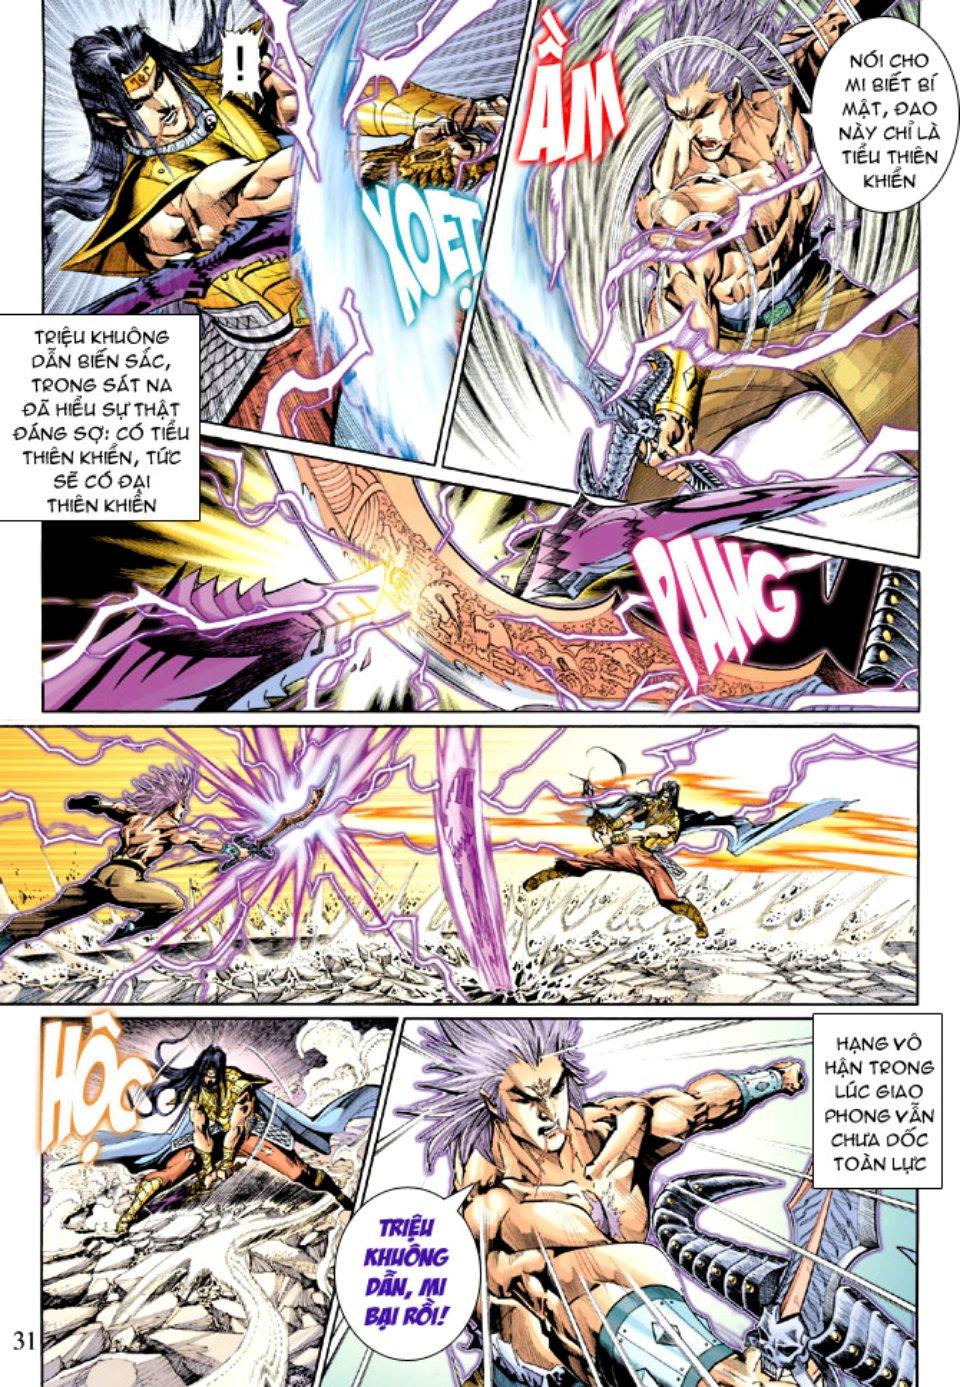 Thiên Tử Truyền Kỳ 5 - Như Lai Thần Chưởng chap 212 - Trang 31